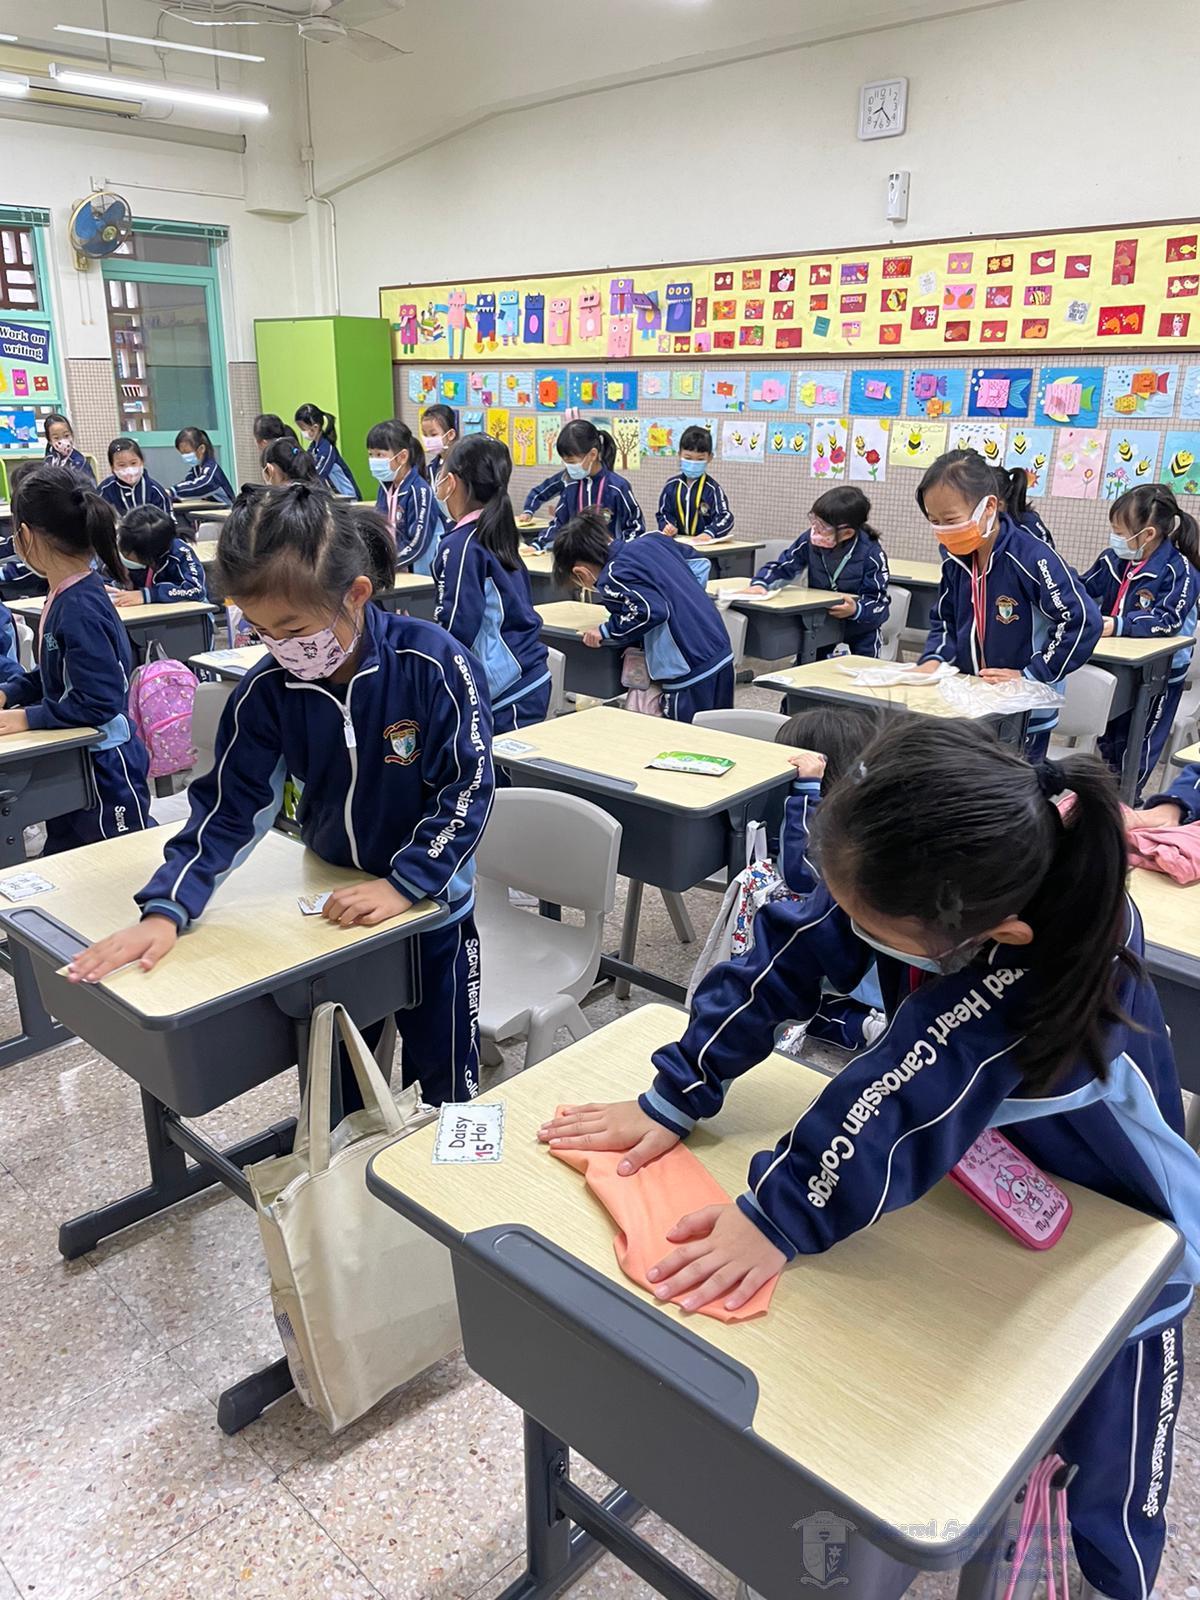 全體學生積極投入清潔